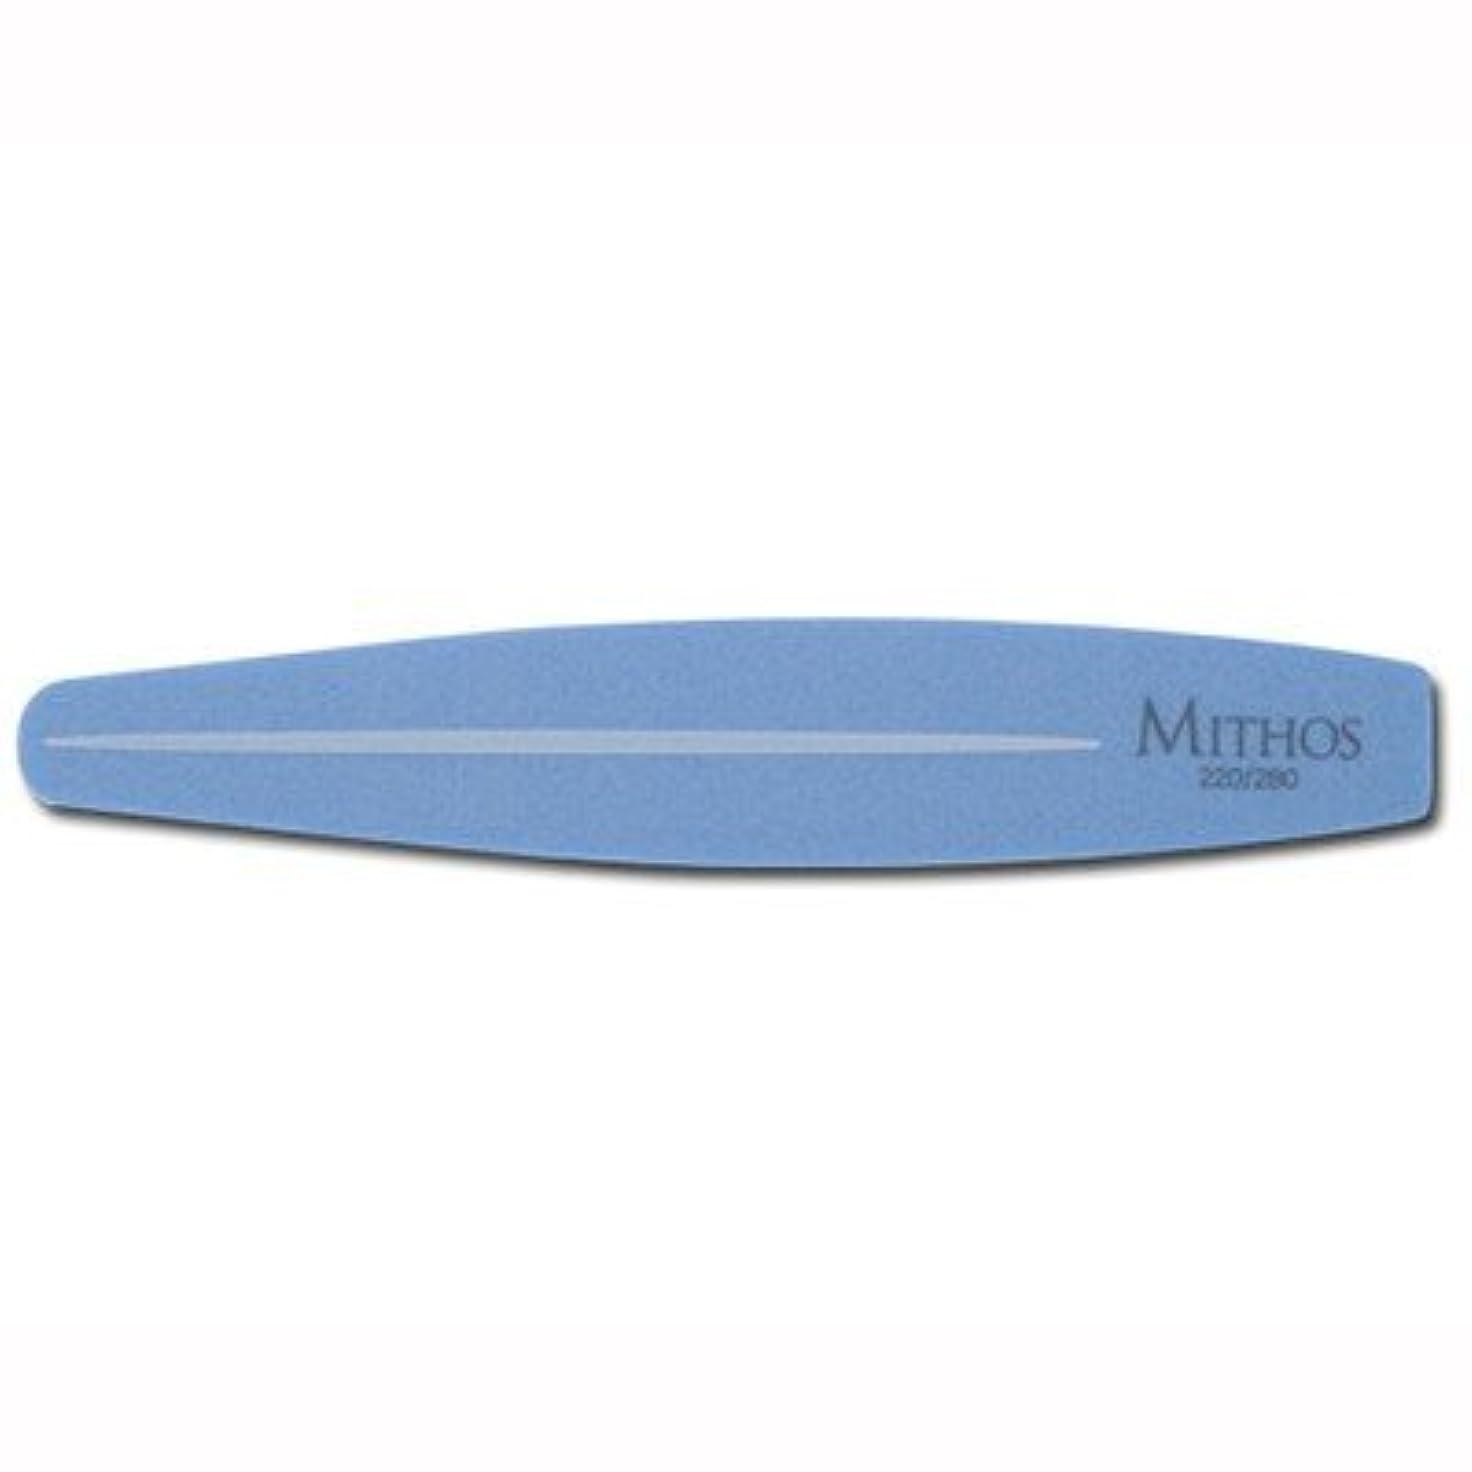 ディスコ期限切れあいにくミトス MITHOS スポンジファイル 220/280